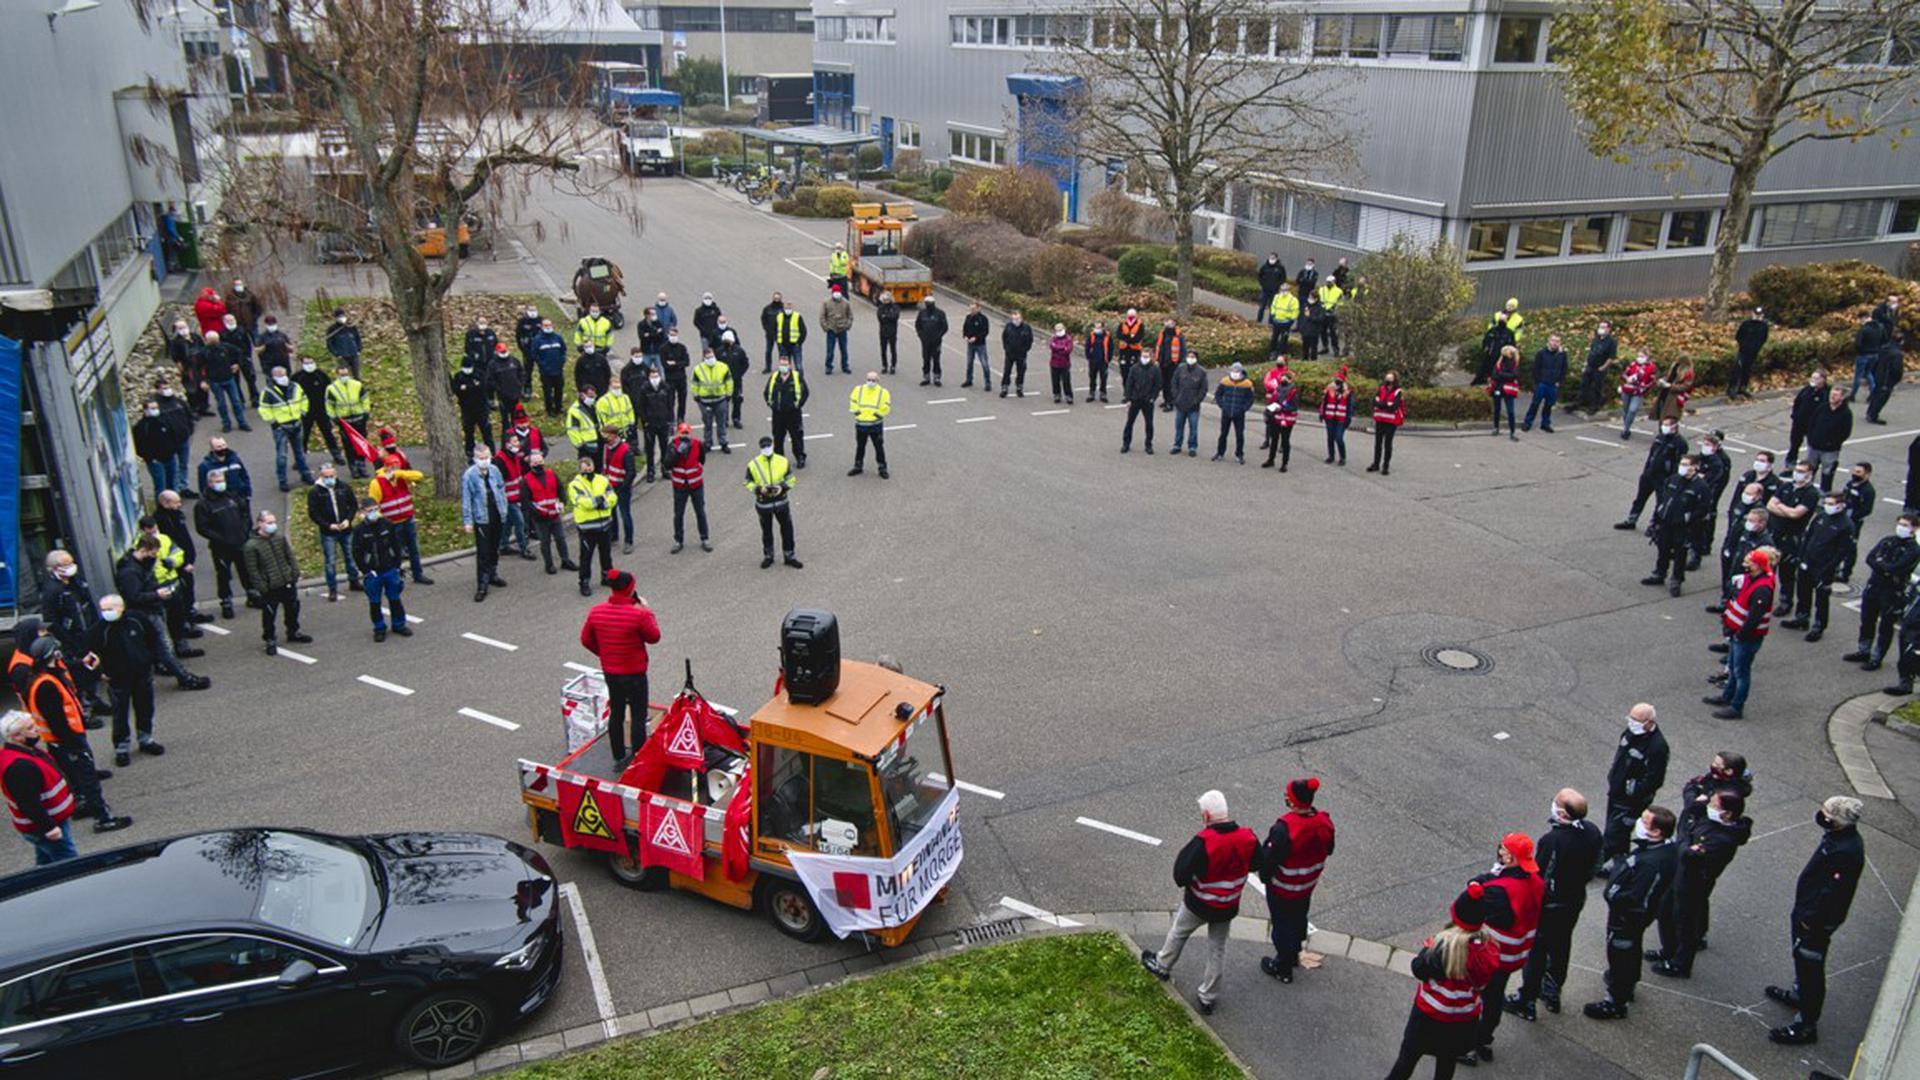 Die Beschäftigten der Daimler Truck AG in Gaggenau wurden abteilungs- oder bereichsweise vom Betriebsrat zusammengerufen, um über die aktuelle Lage zu berichten und mit den Beschäftigten zu diskutieren.